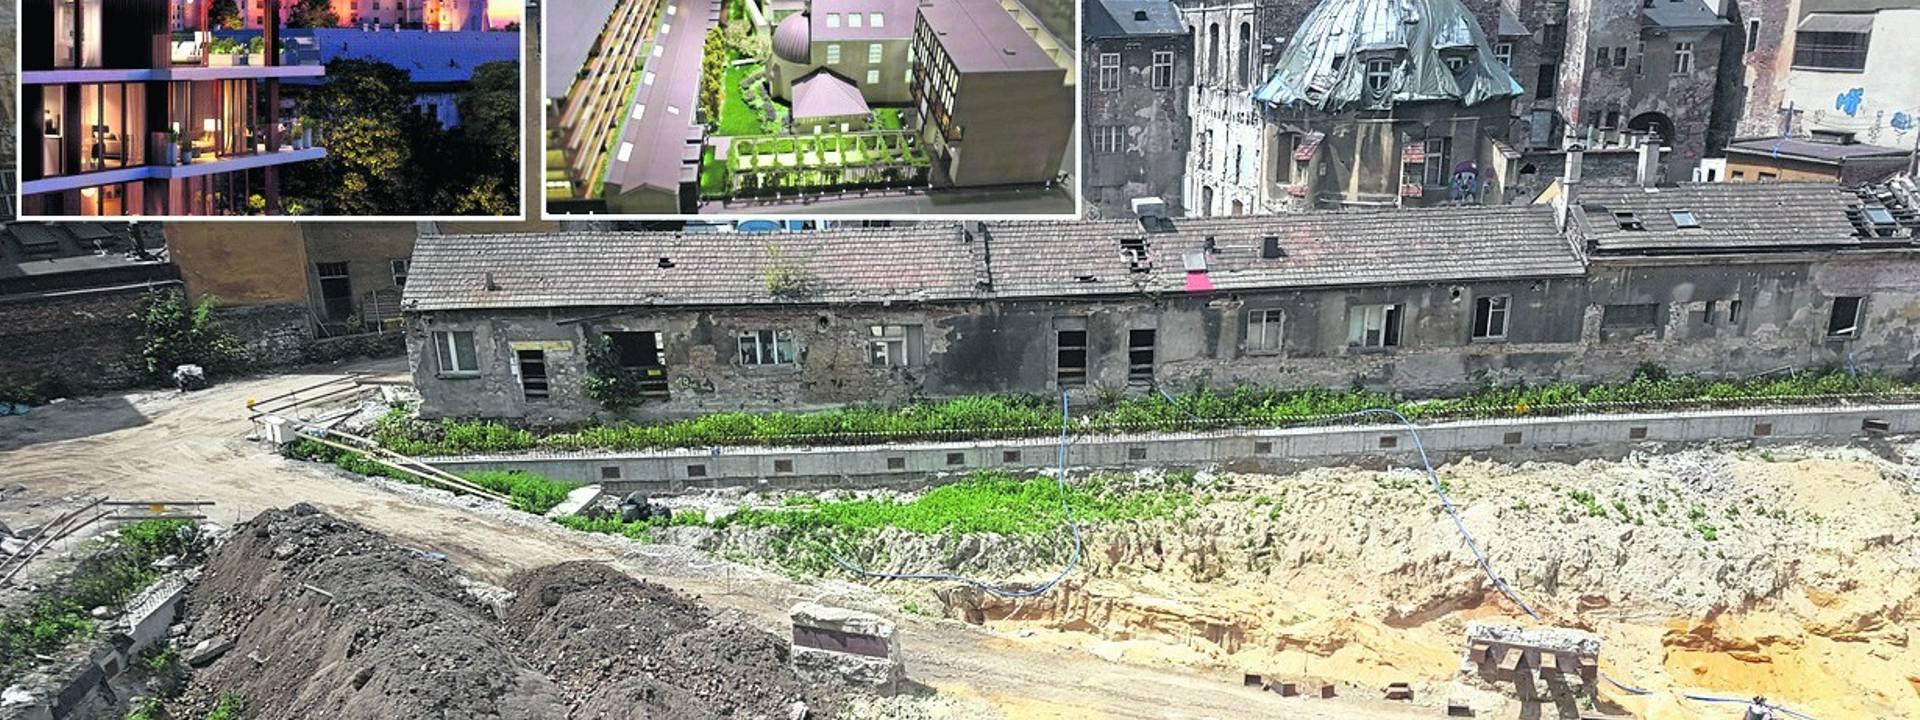 Inwestycja przy ul. Stradomskiej obejmuje adaptację kamienicy z dawnym kościołem na hotel i budowę z tyłu apartamentowca